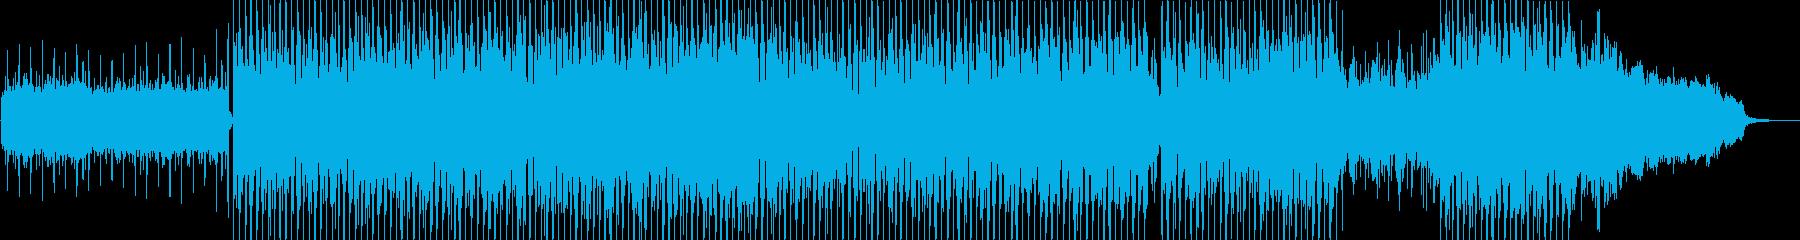 都会的な疾走感のある4つ打ち音楽の再生済みの波形